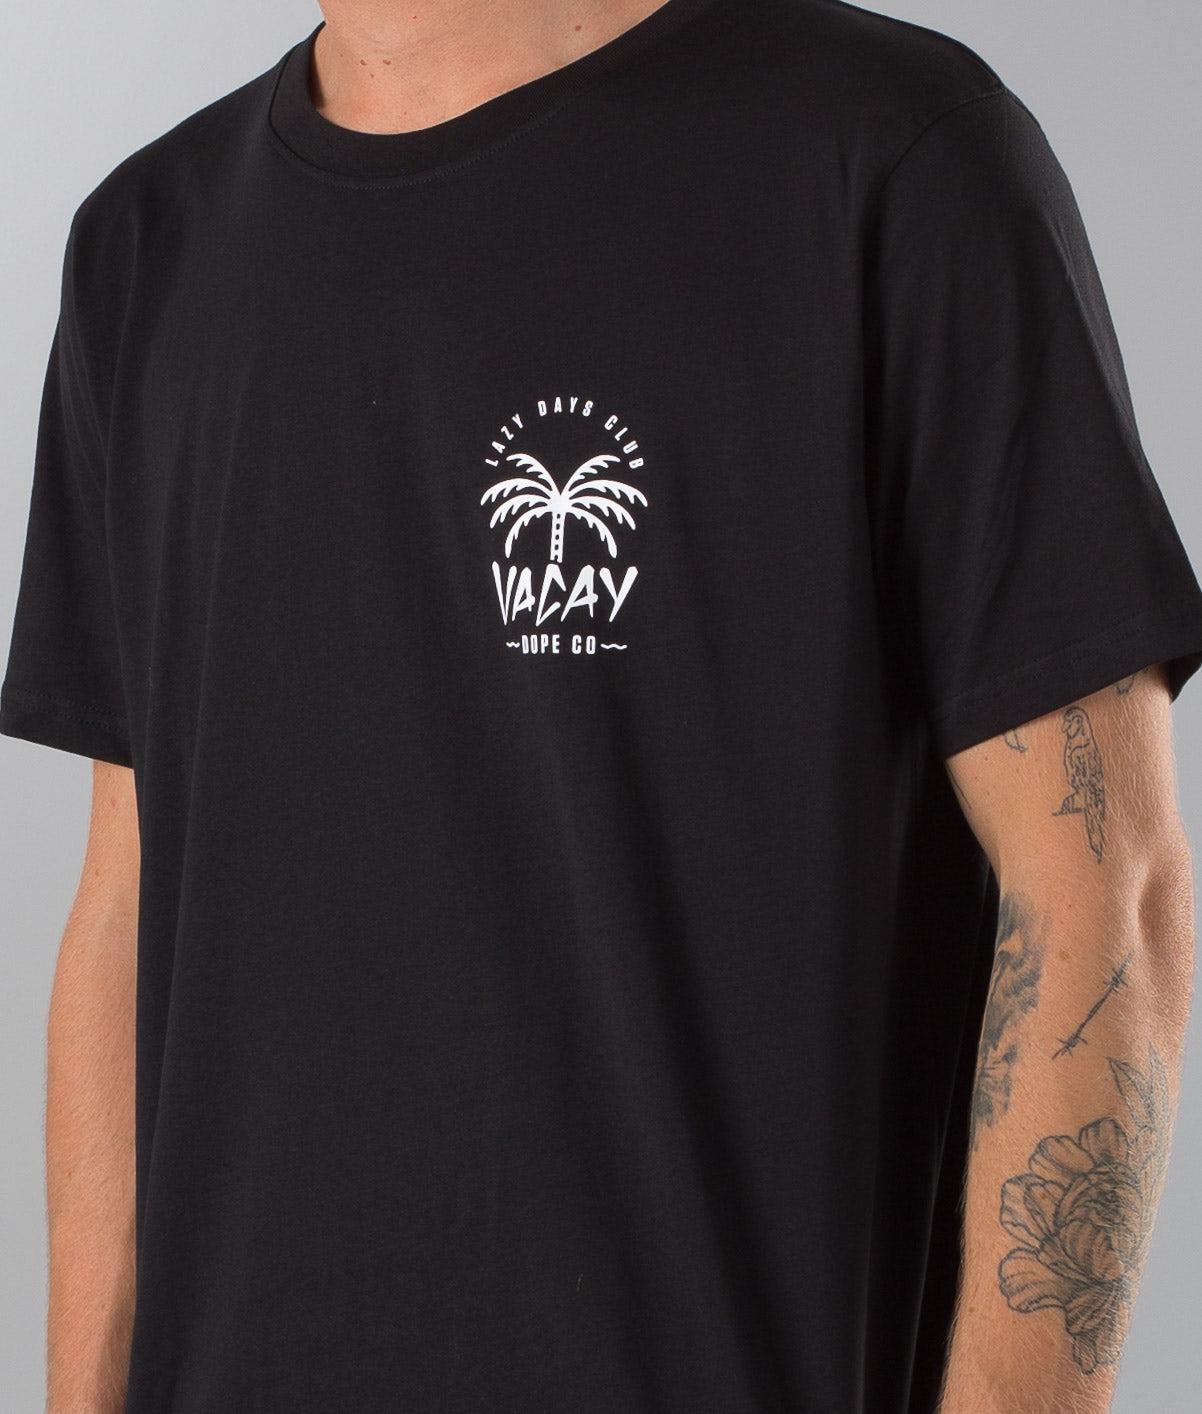 Kjøp Palm T-shirt fra Dope på Ridestore.no - Hos oss har du alltid fri frakt, fri retur og 30 dagers åpent kjøp!